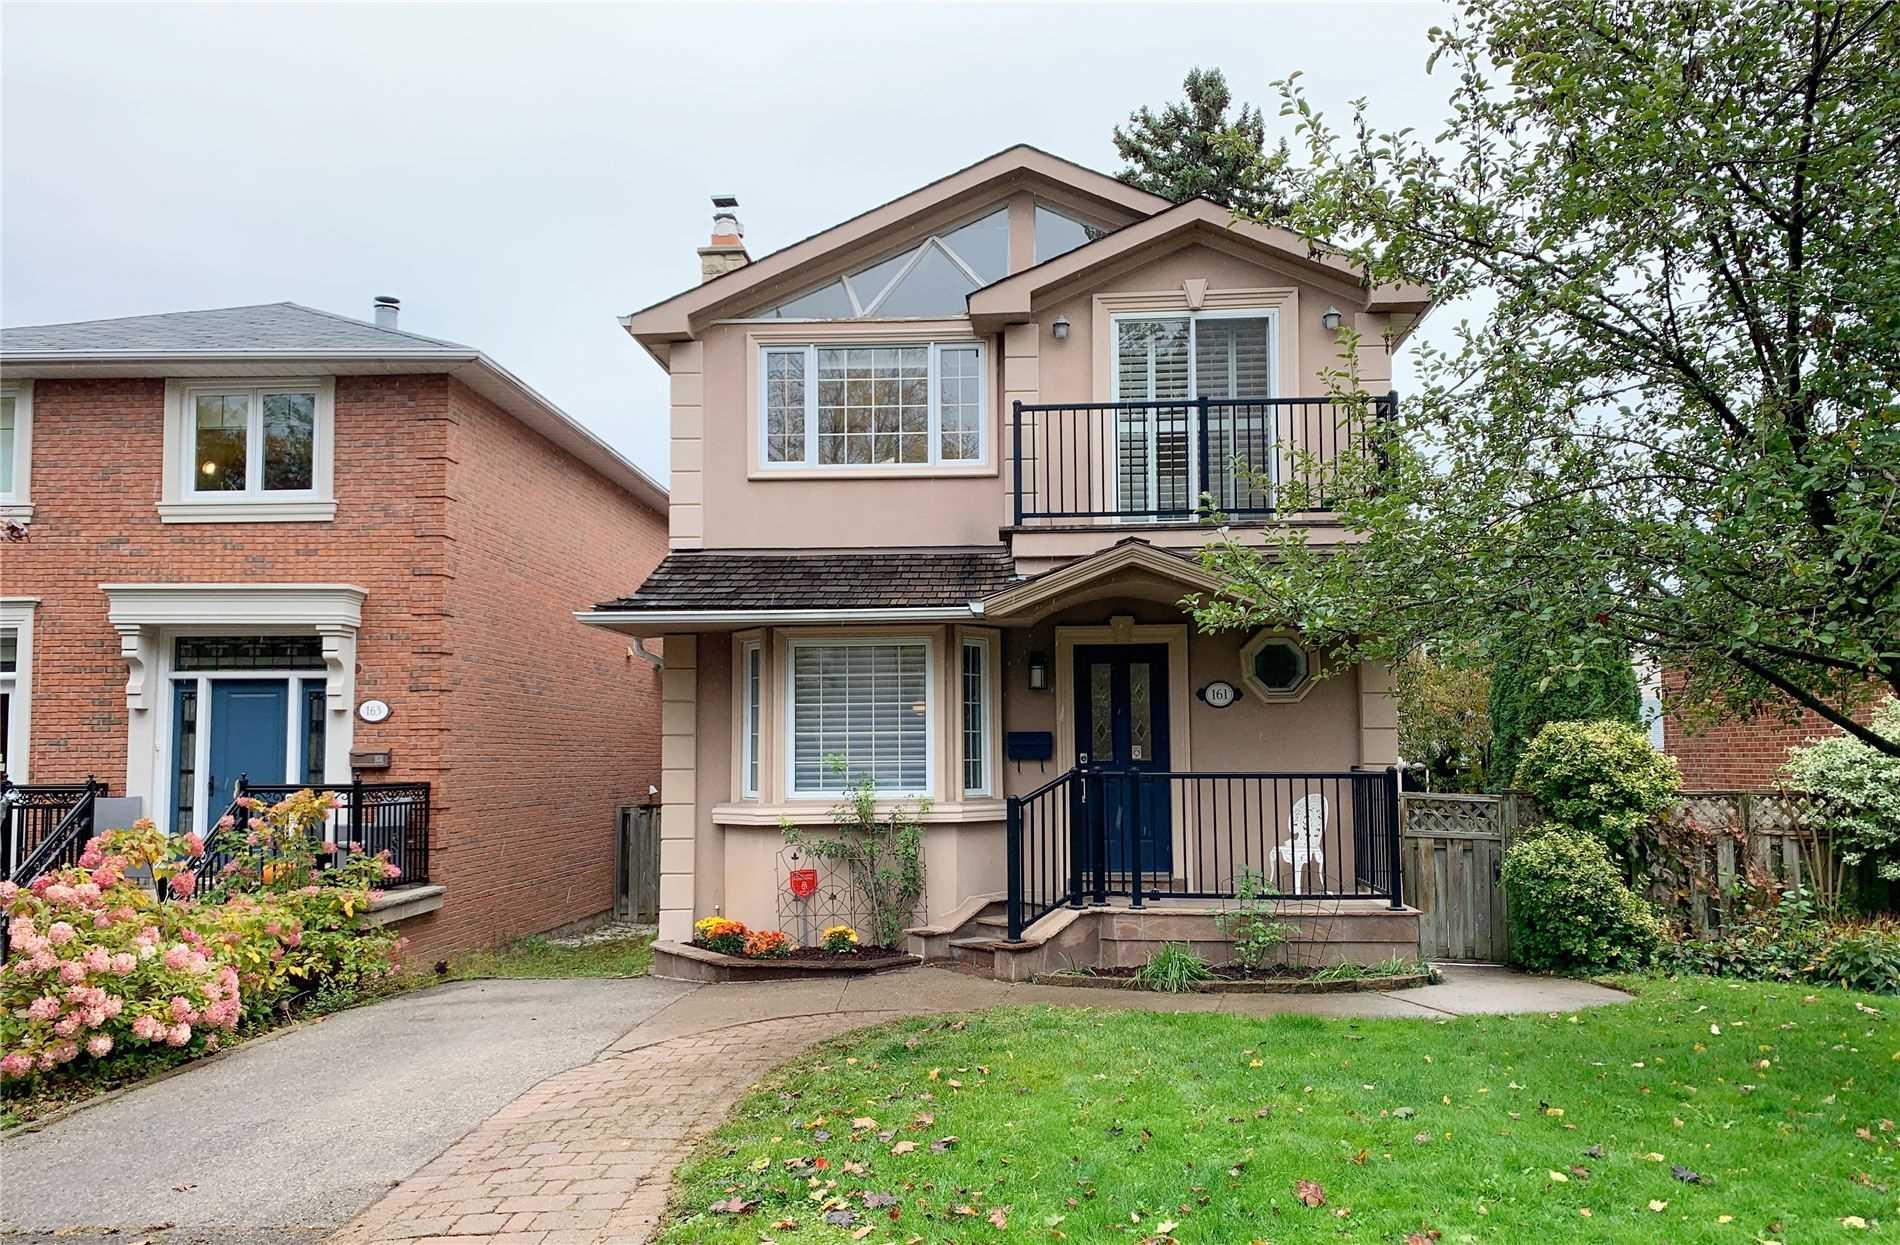 161 Banff Rd, Toronto, M4P2P9